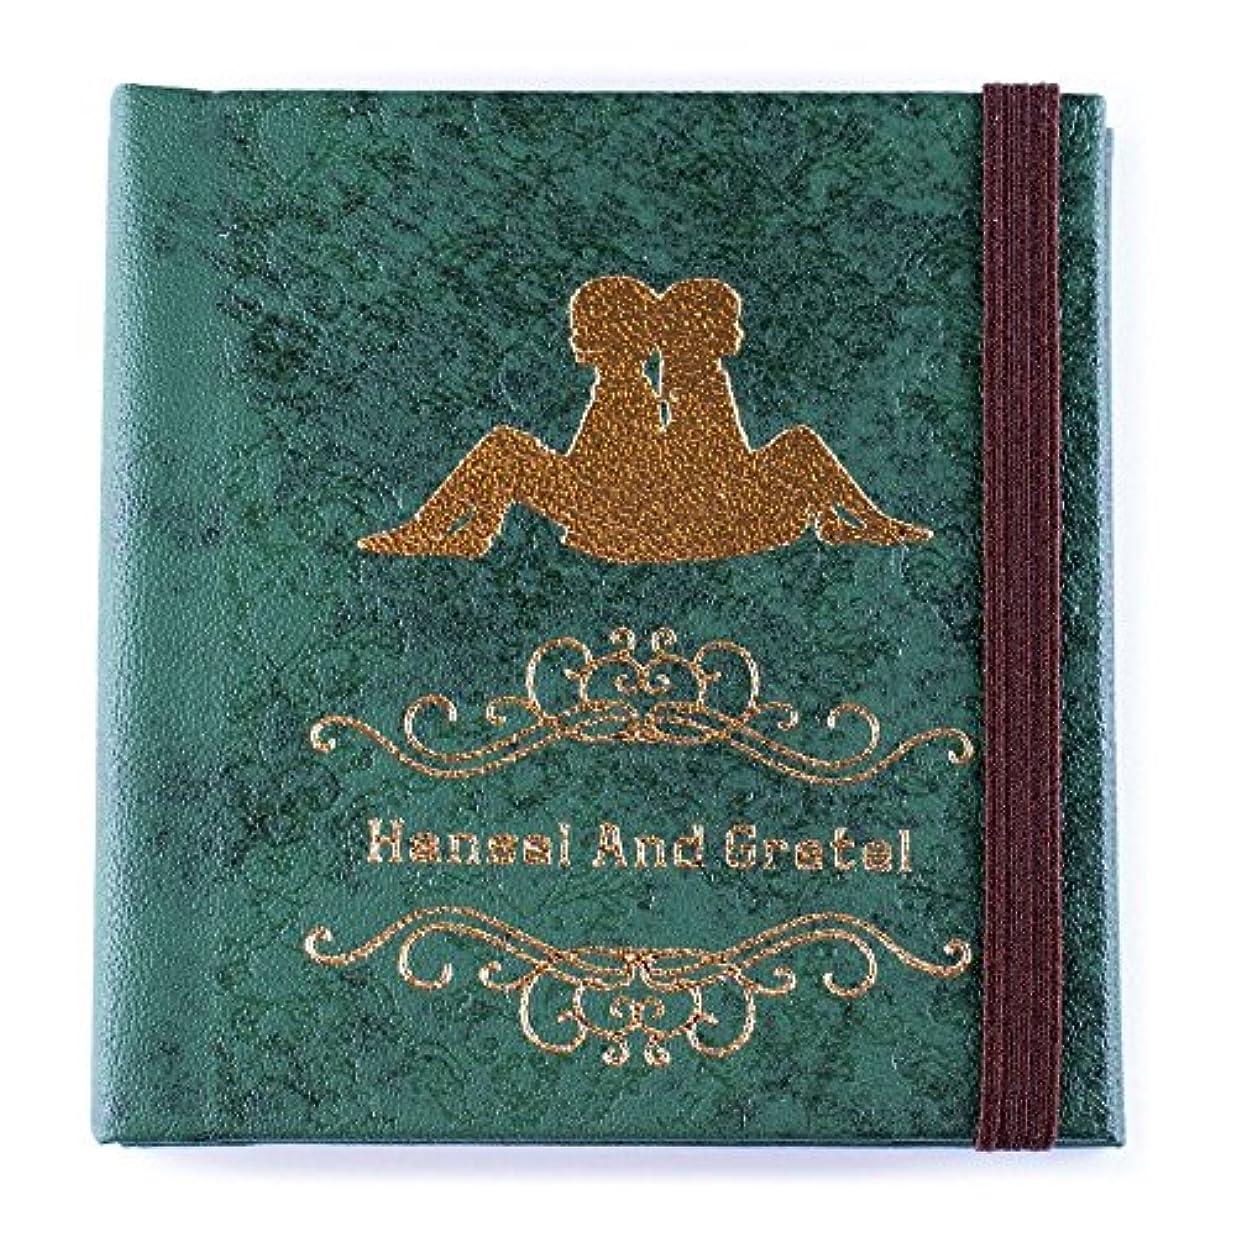 著者牽引テザーTCB童話シリーズ 『ヘンゼルとグレーテルをモチーフにしたアイシャドウ』